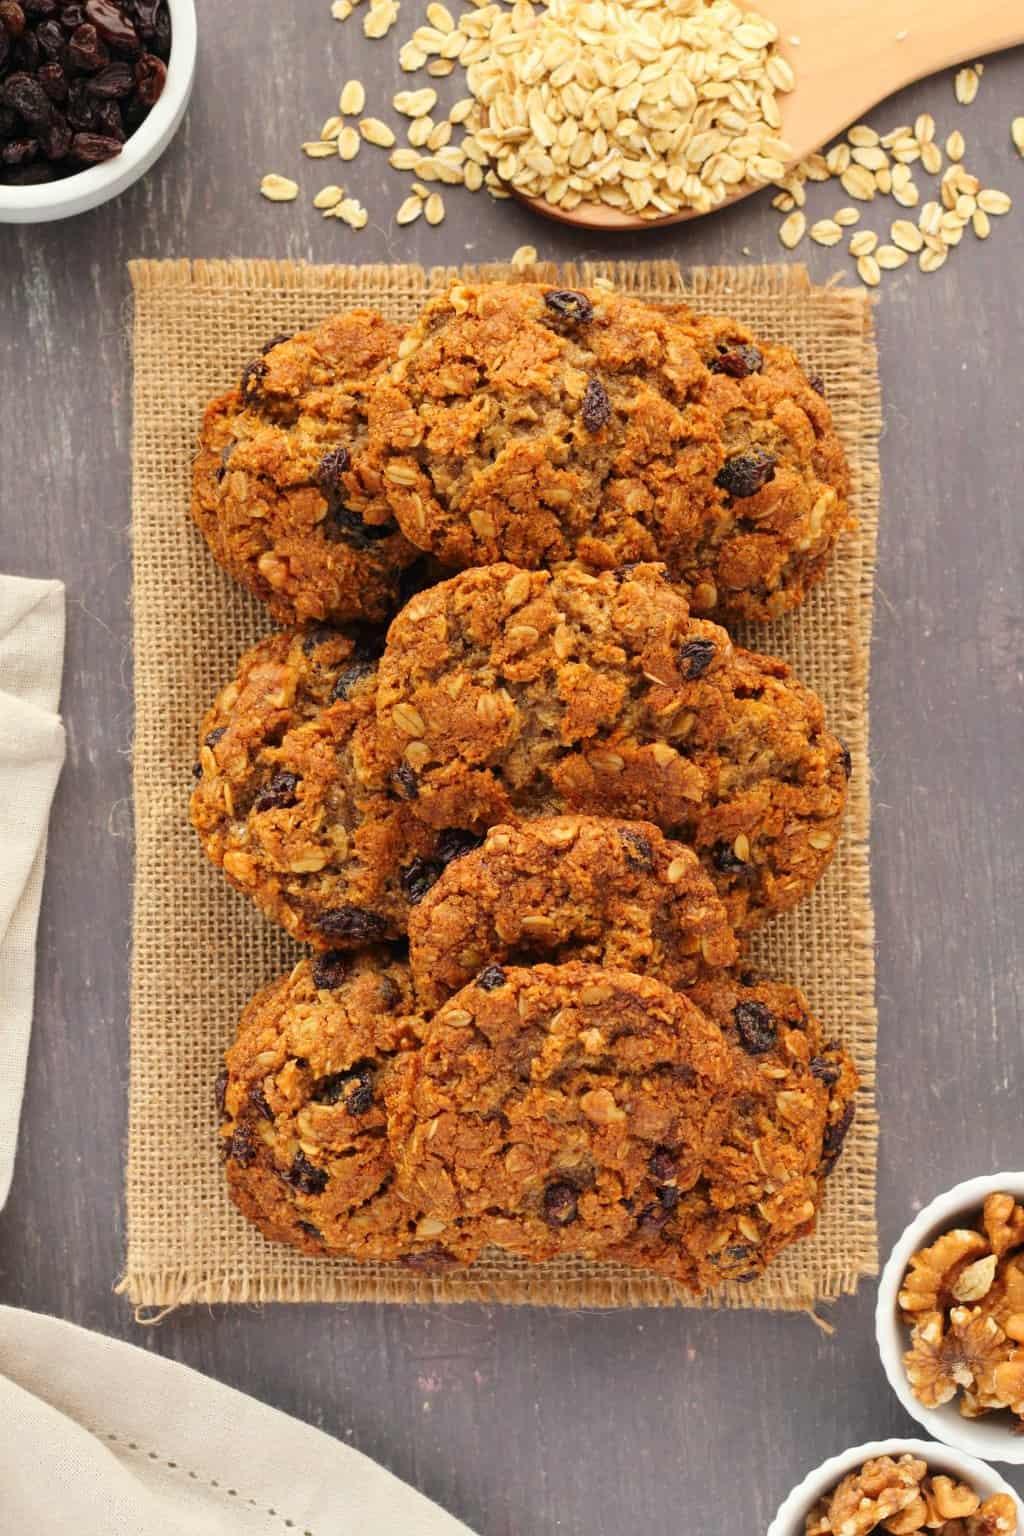 Vegan oatmeal raisin cookies on a woven napkin.